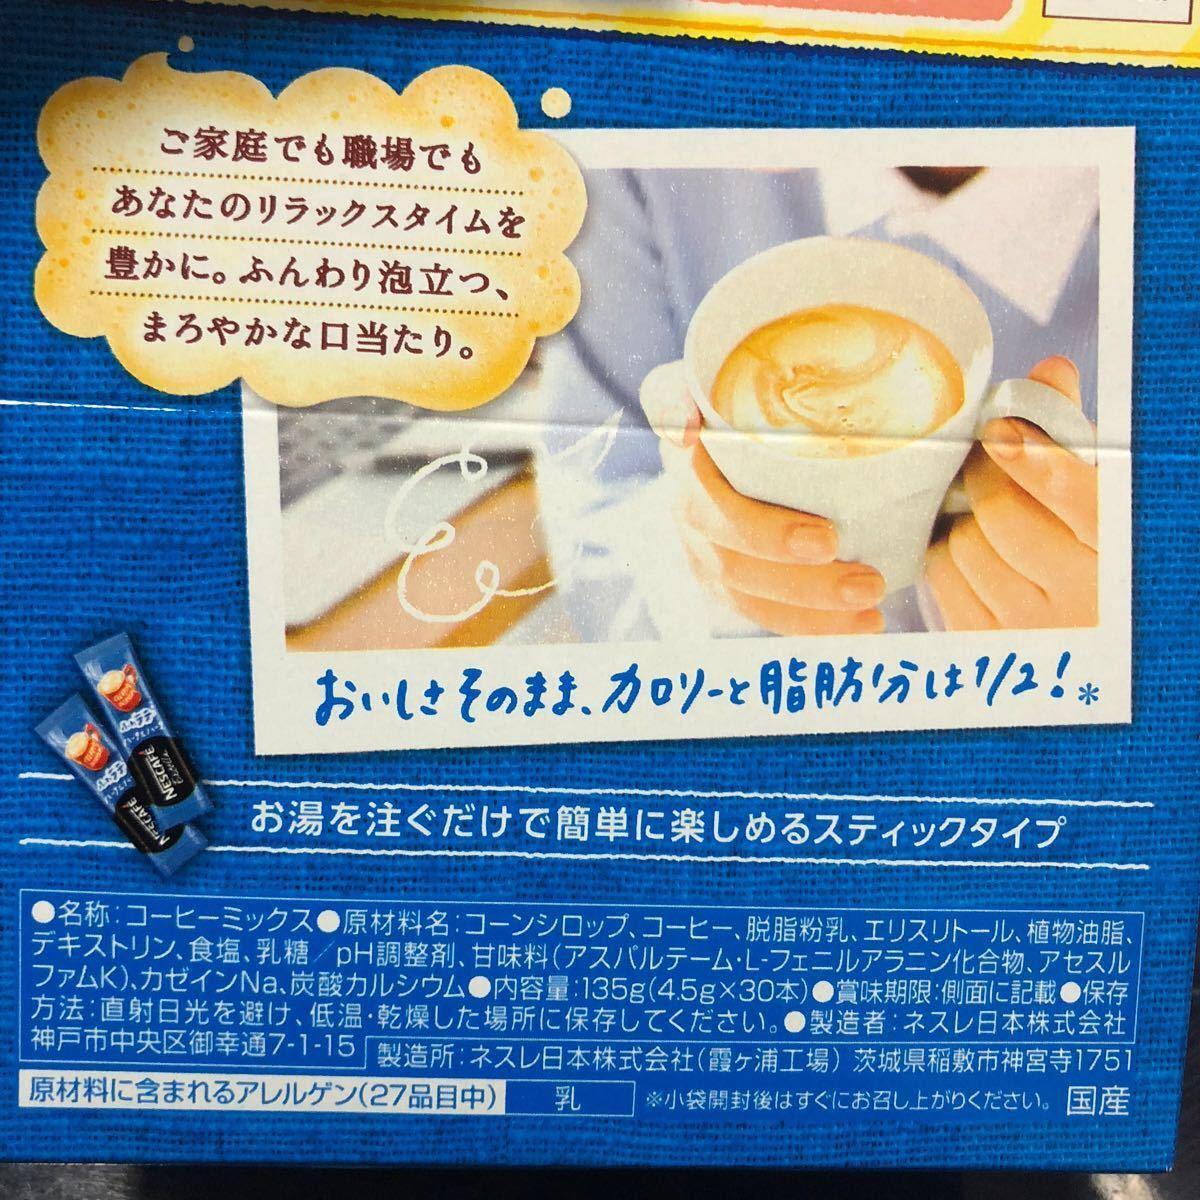 ネスカフェふわラテ2種類&ノンスィートミルクティー60本セット